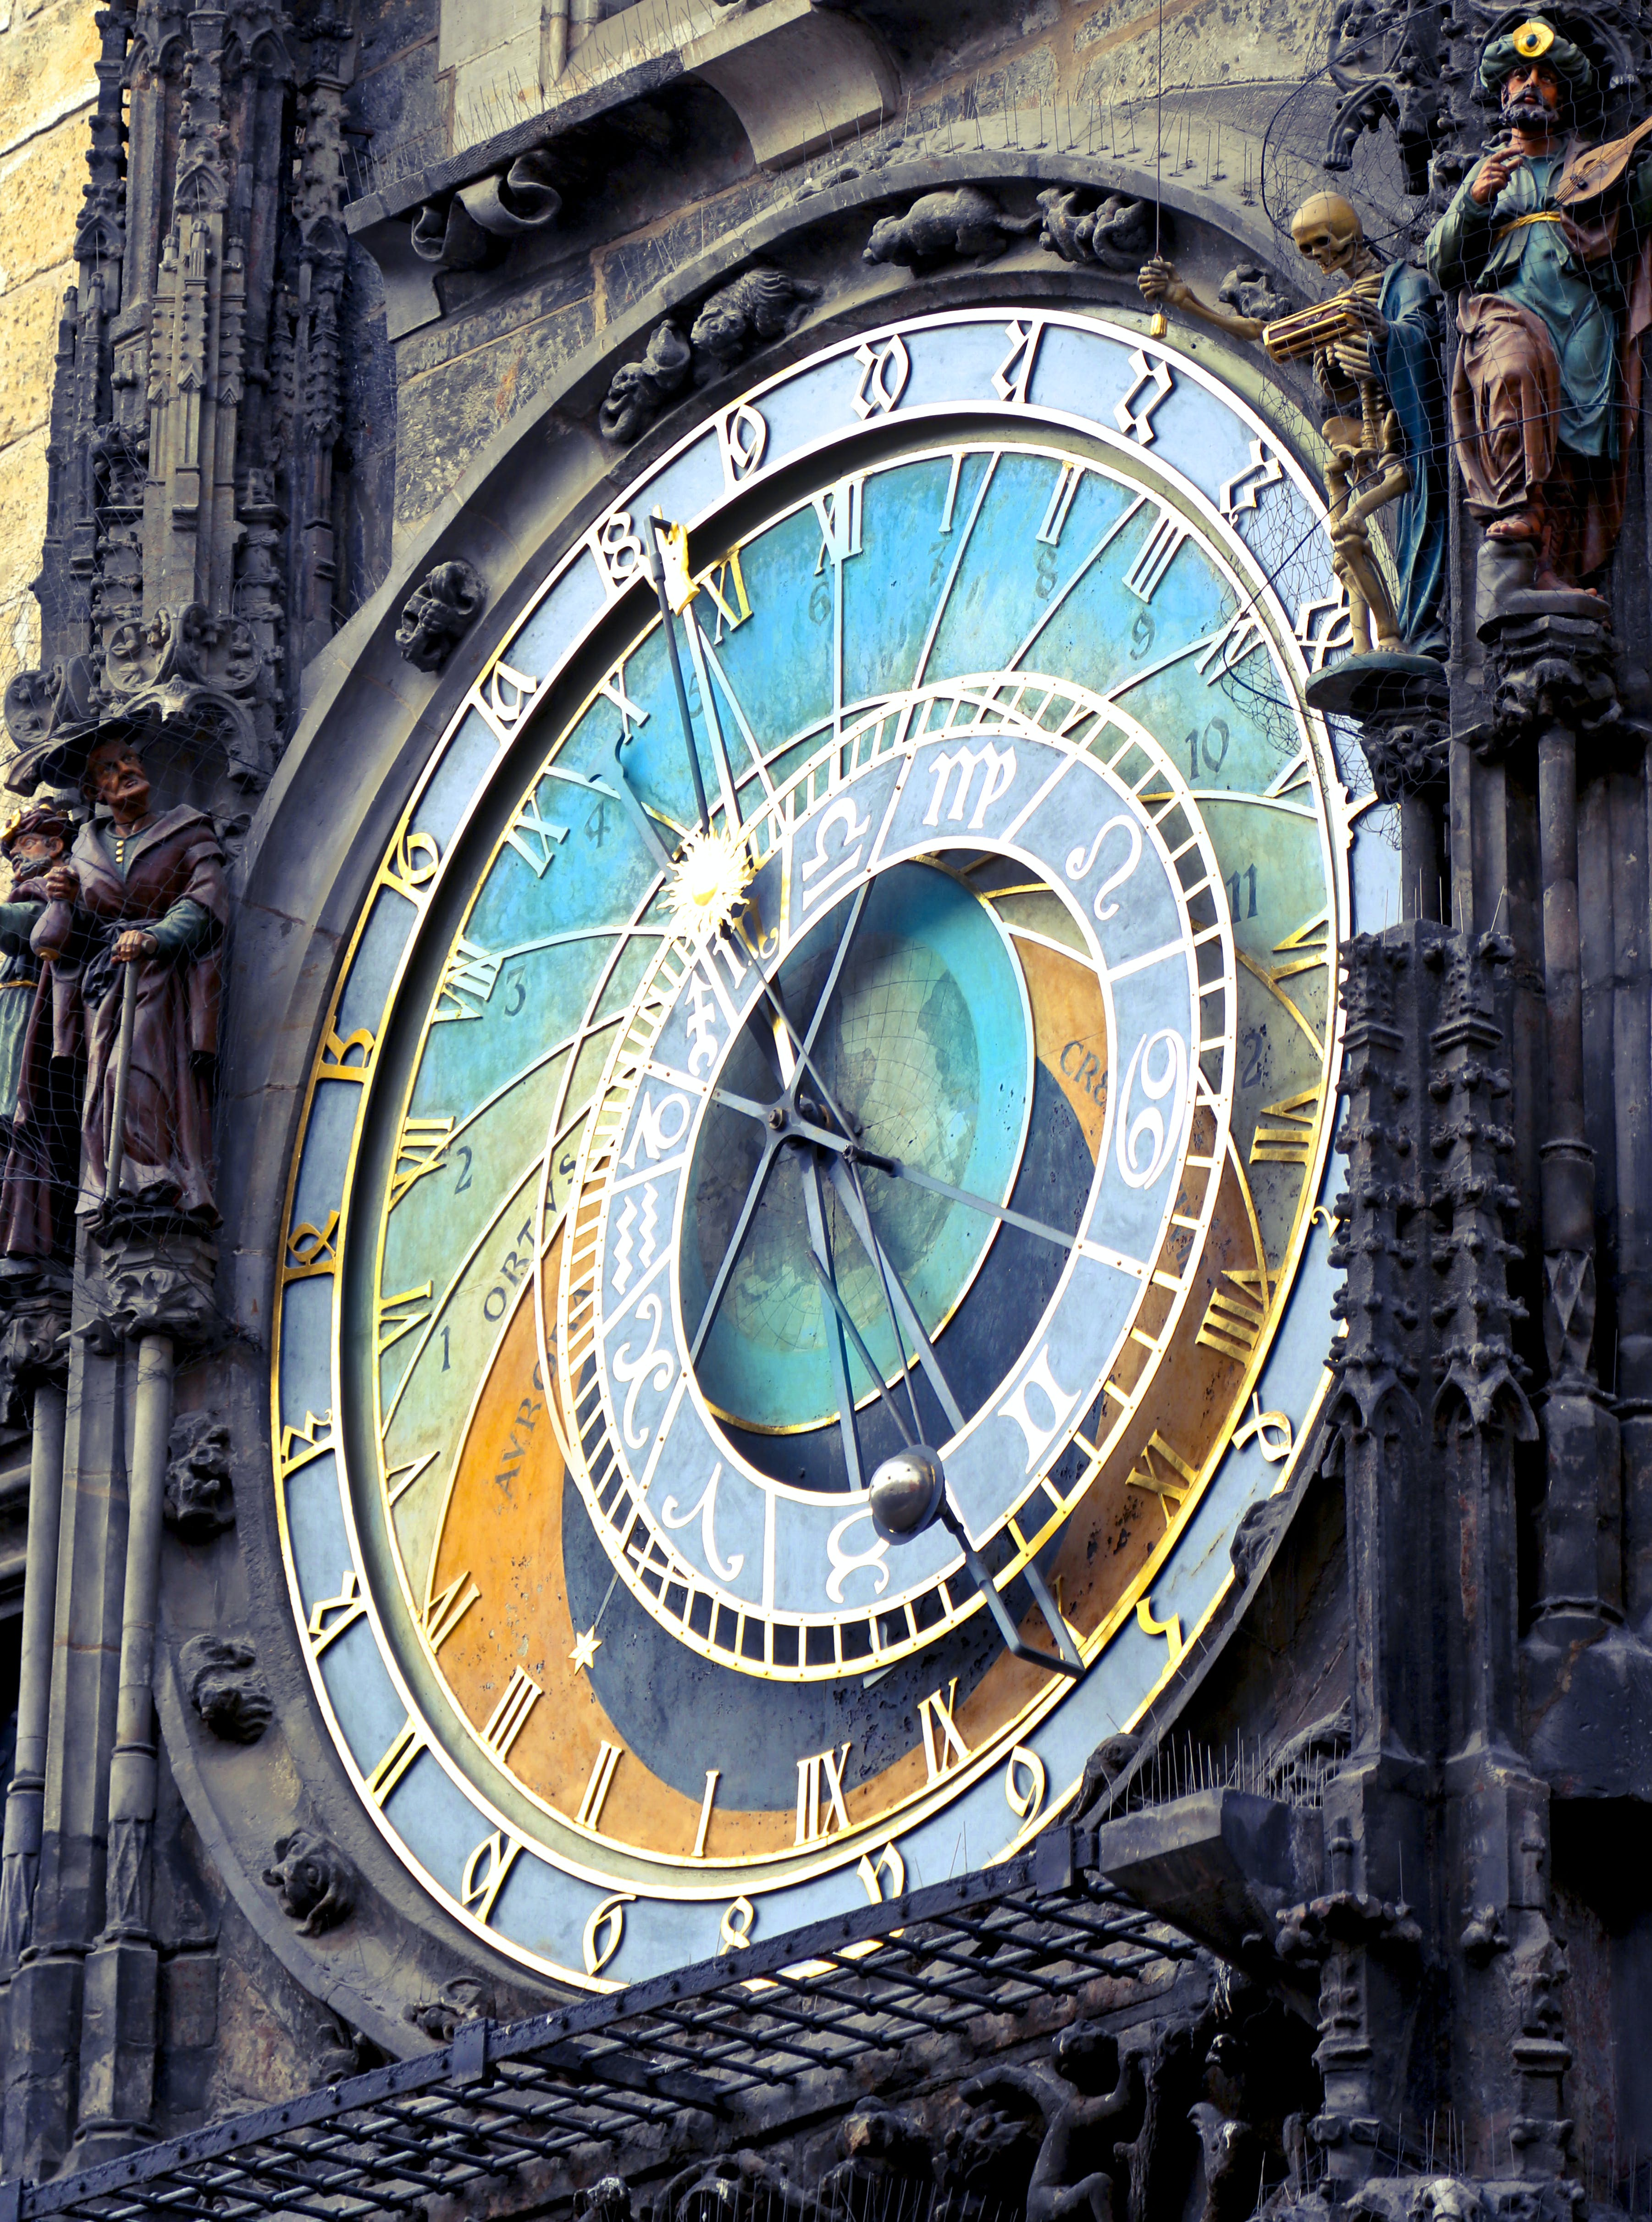 Foto d'estoc gratuïta de Analògic, arquitectura, art, astrologia